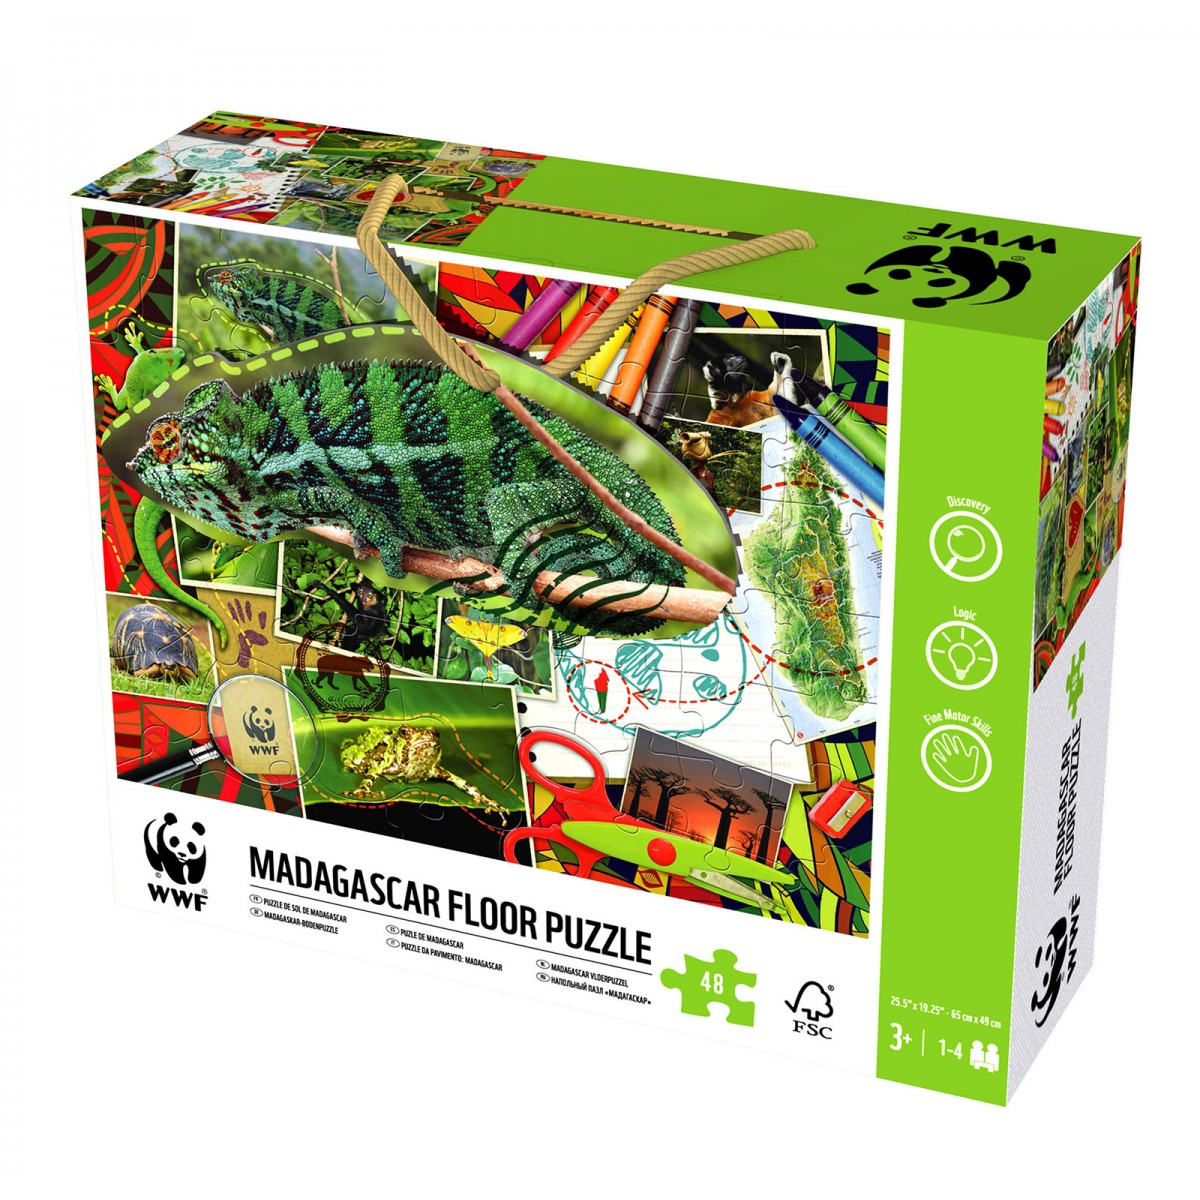 WWF Madagascar Floor Puzzle